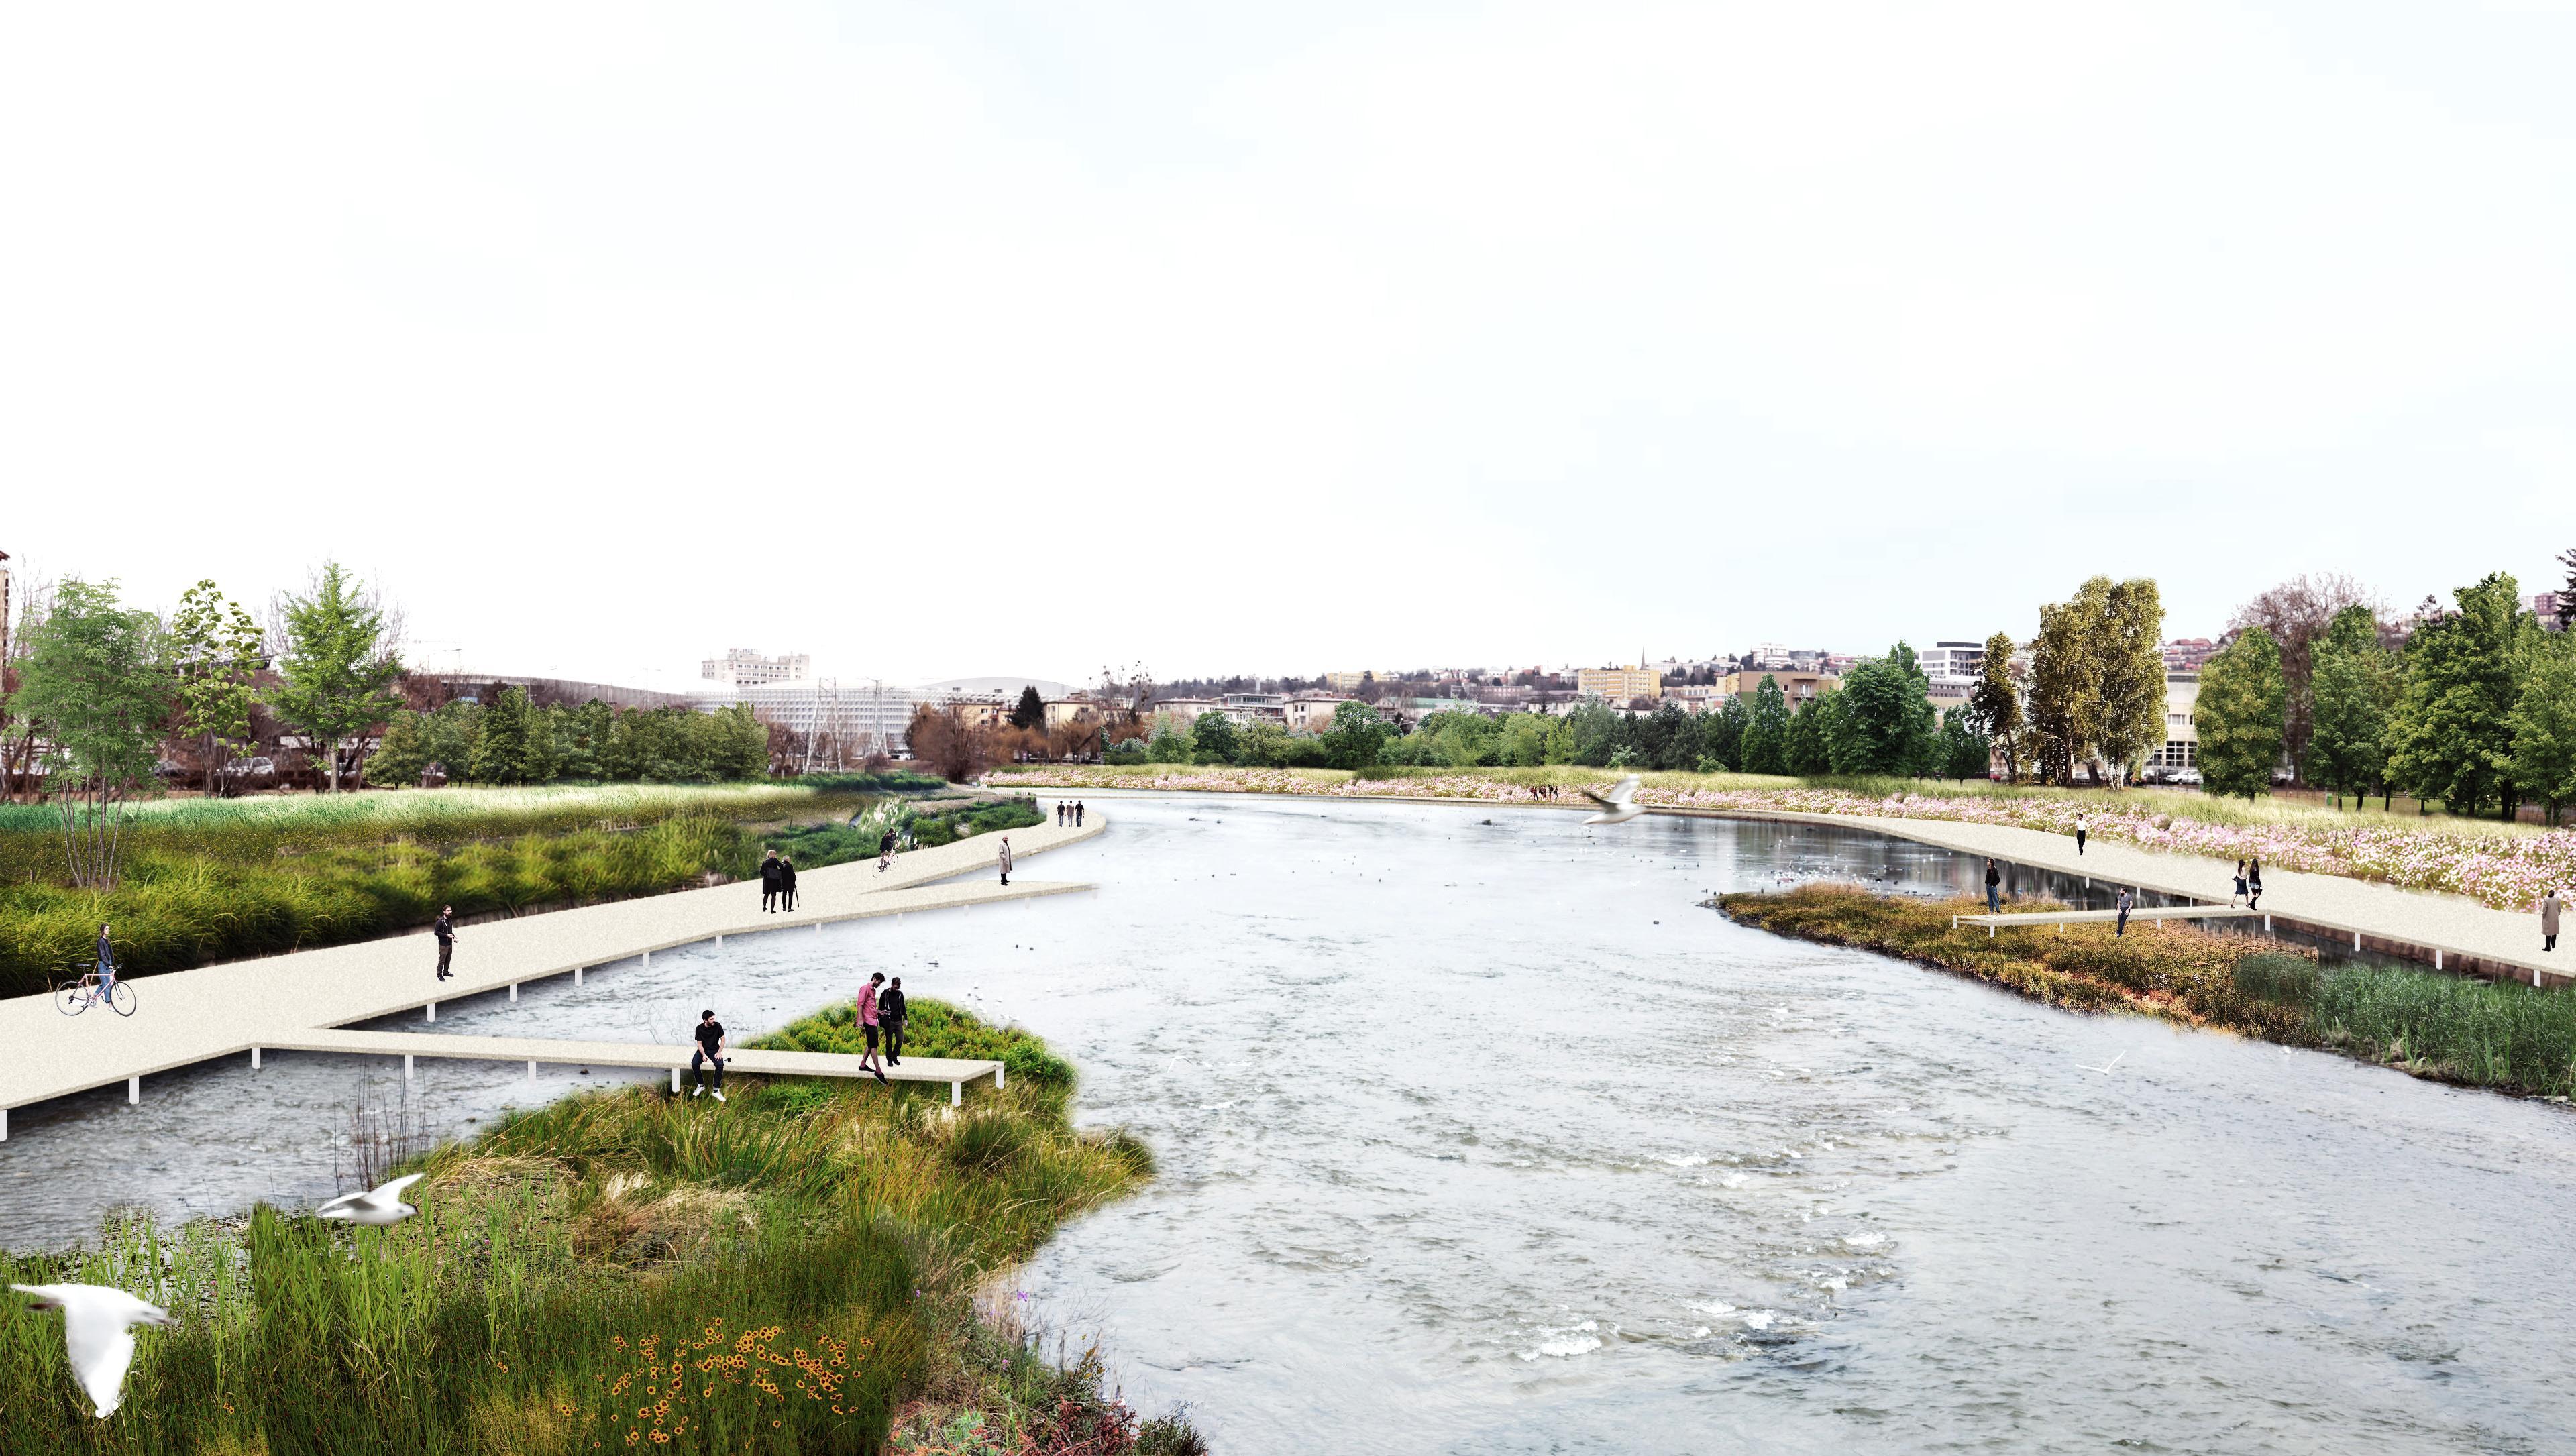 Așa ar urma să fie reamenajat râul Someș, betonat acum pe maluri din centru și până în Grigorescu- FOTO